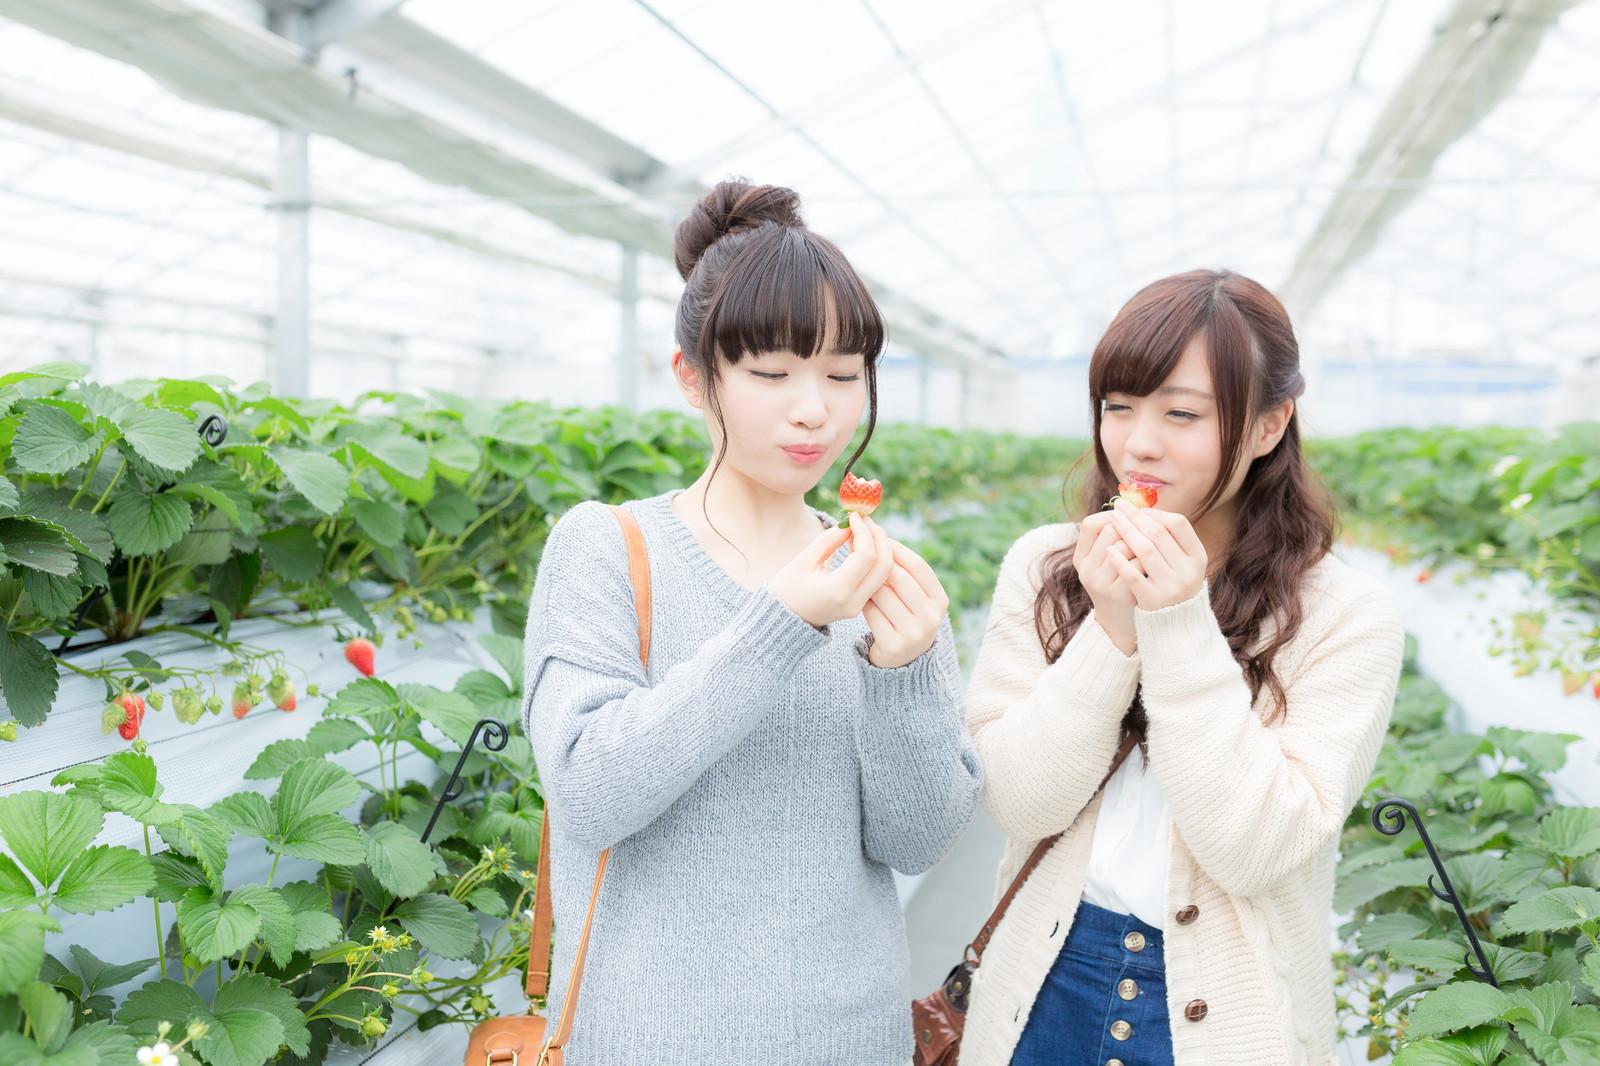 【高齢者向けクイズ】『果物』の漢字読み問題で脳トレ!ボケ・認知症予防